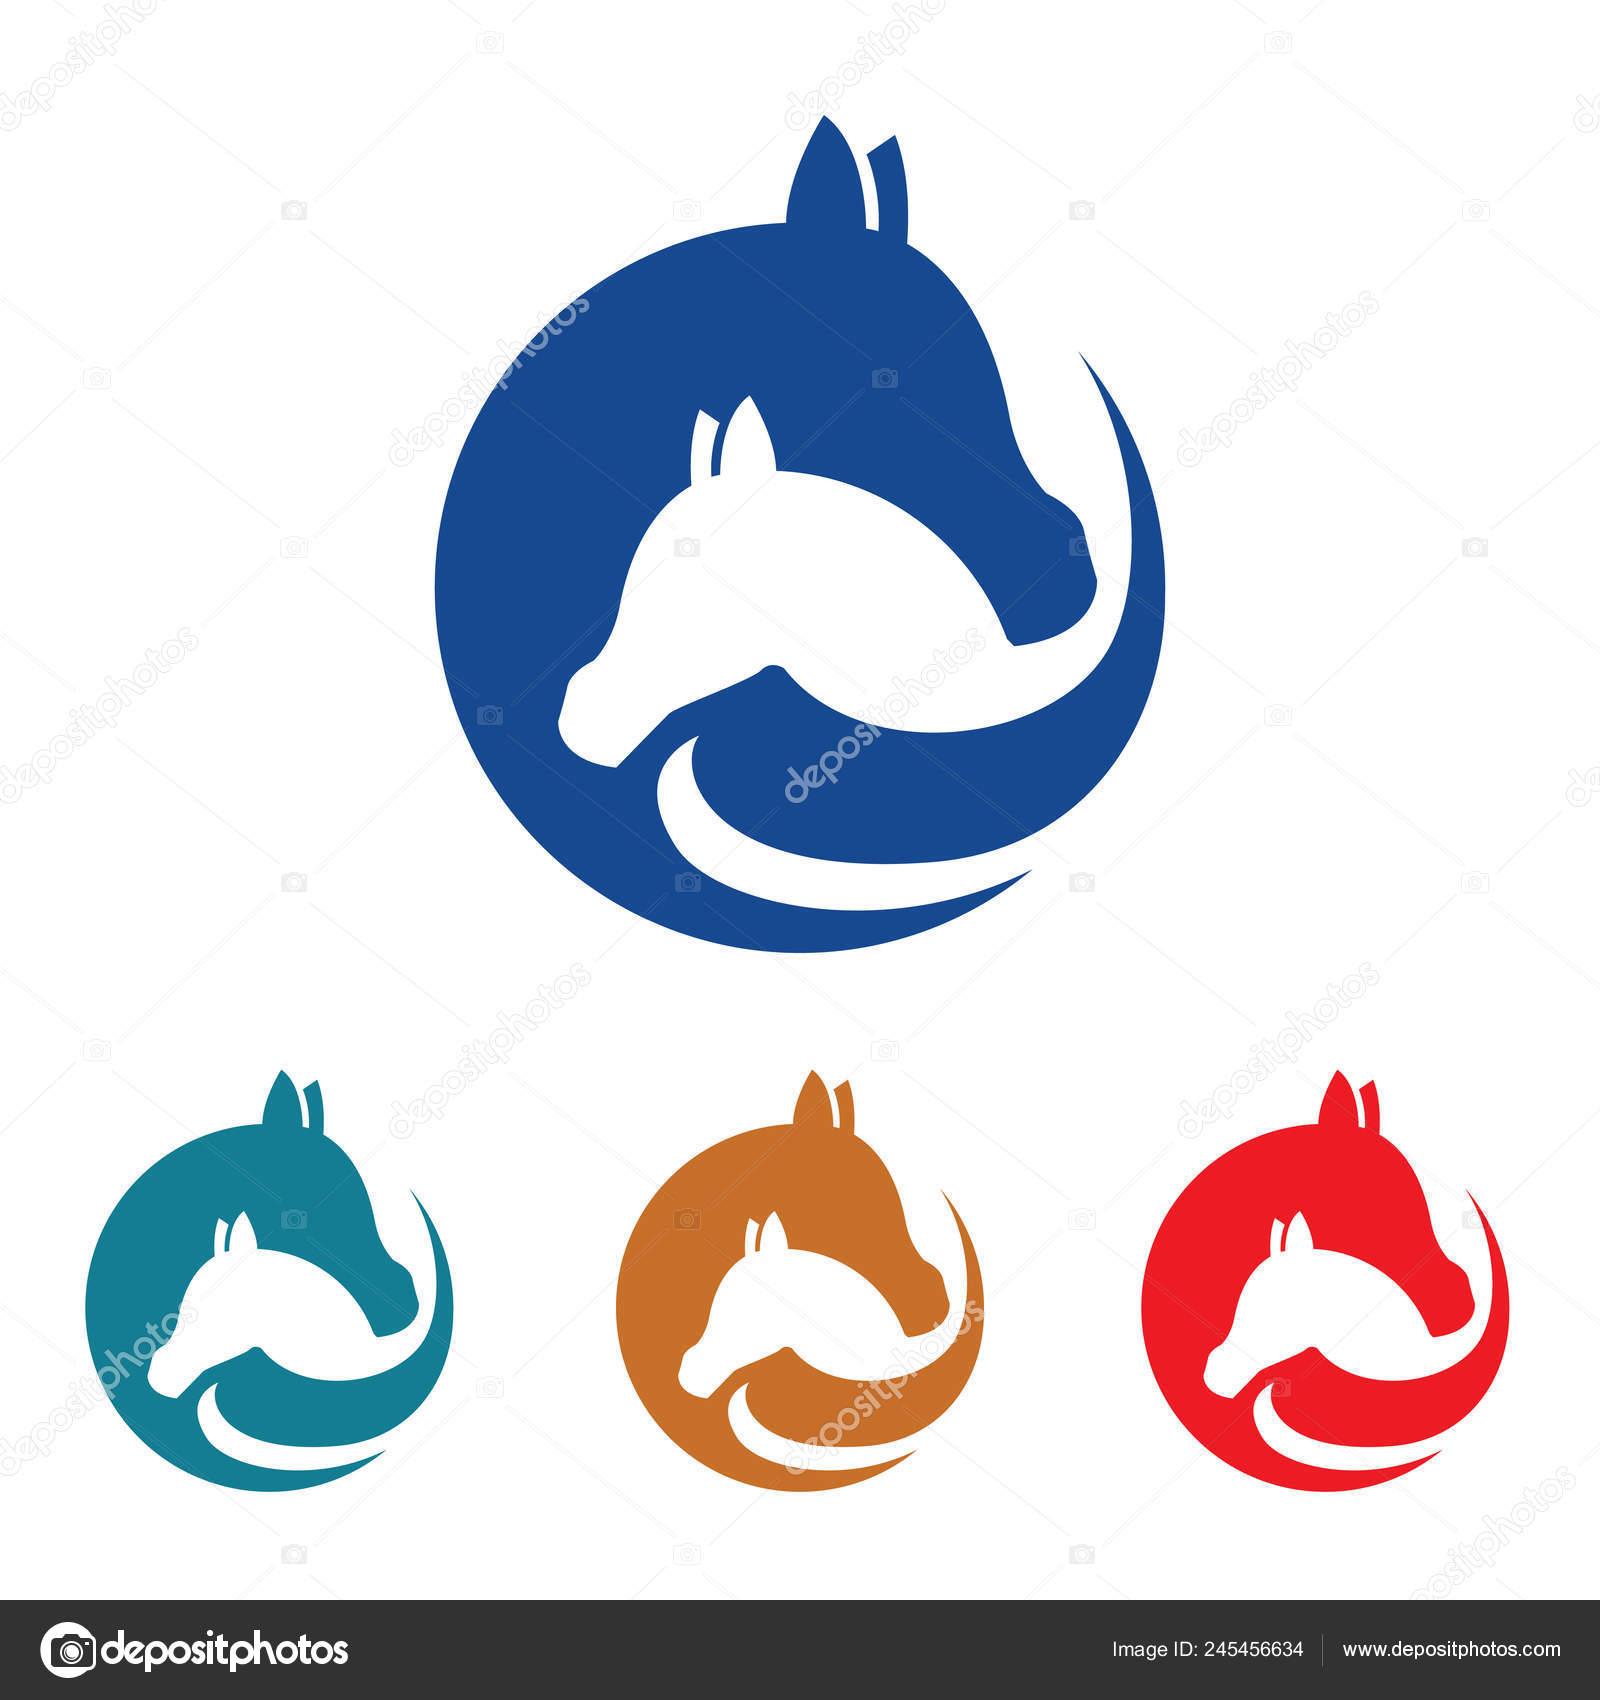 Horse Farm Simple Cute Flat Logo Symbol Stock Vector C Jongjawi Yahoo Co Id 245456634